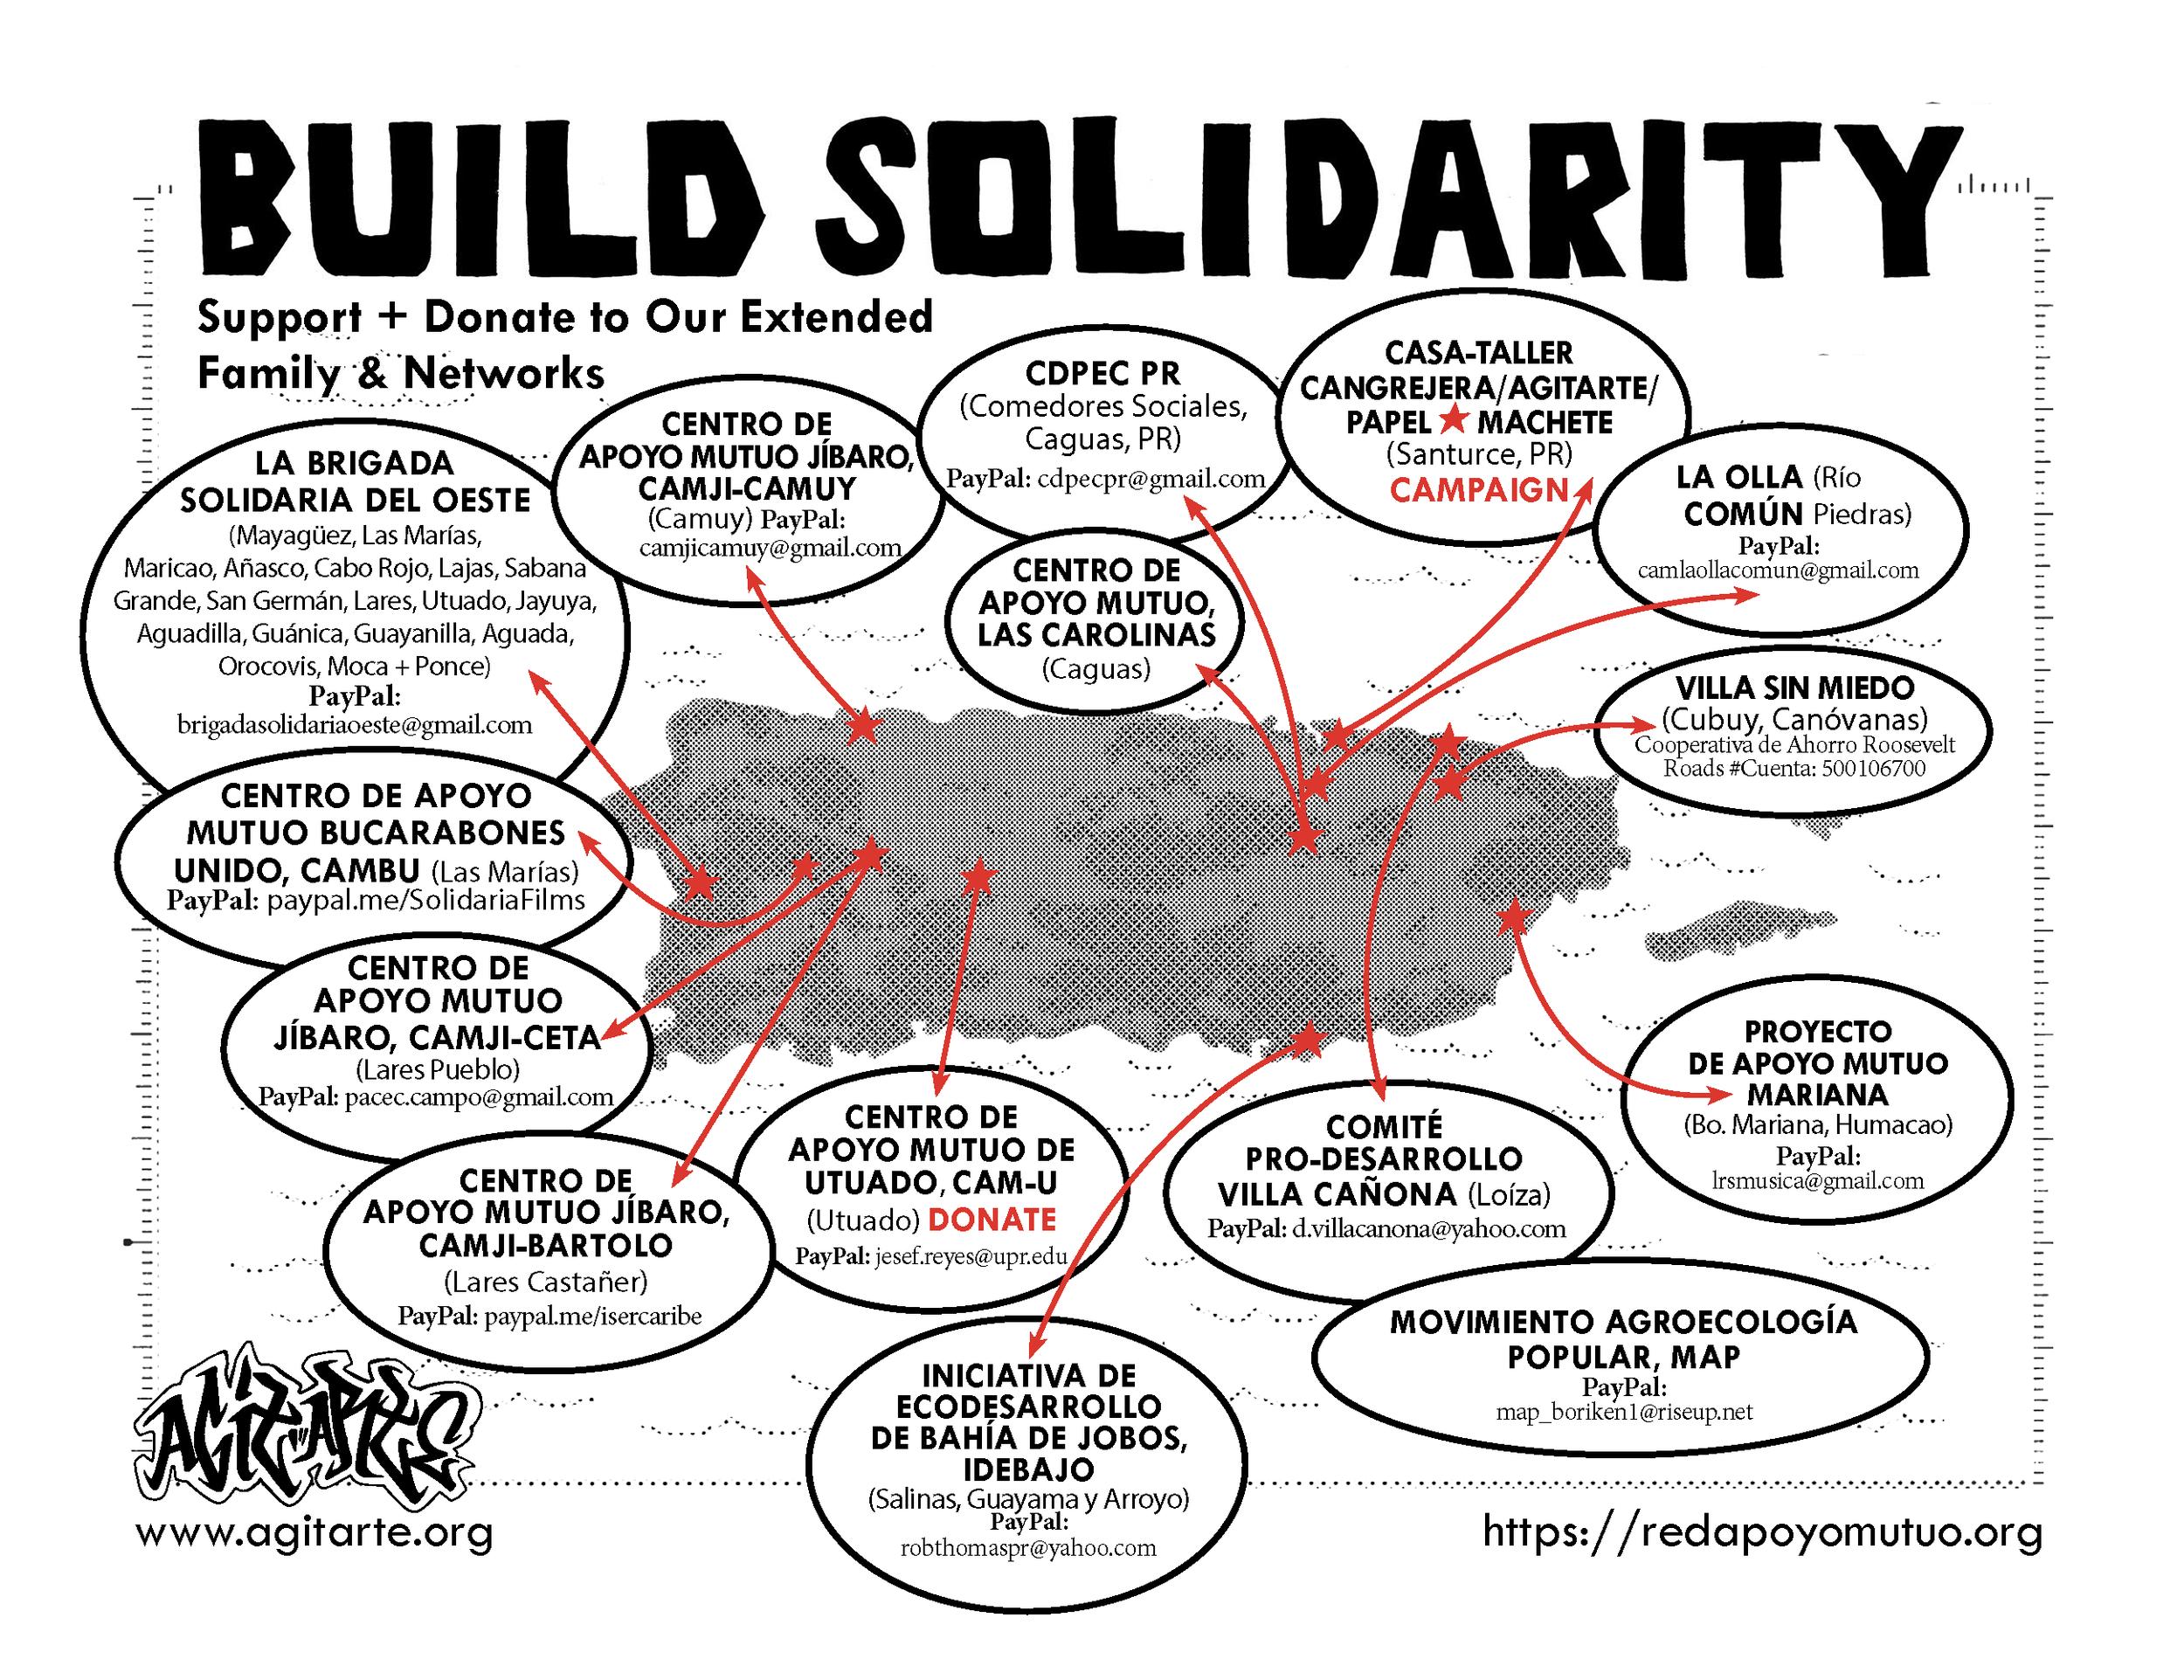 build-solidarity-map-pr-3.png